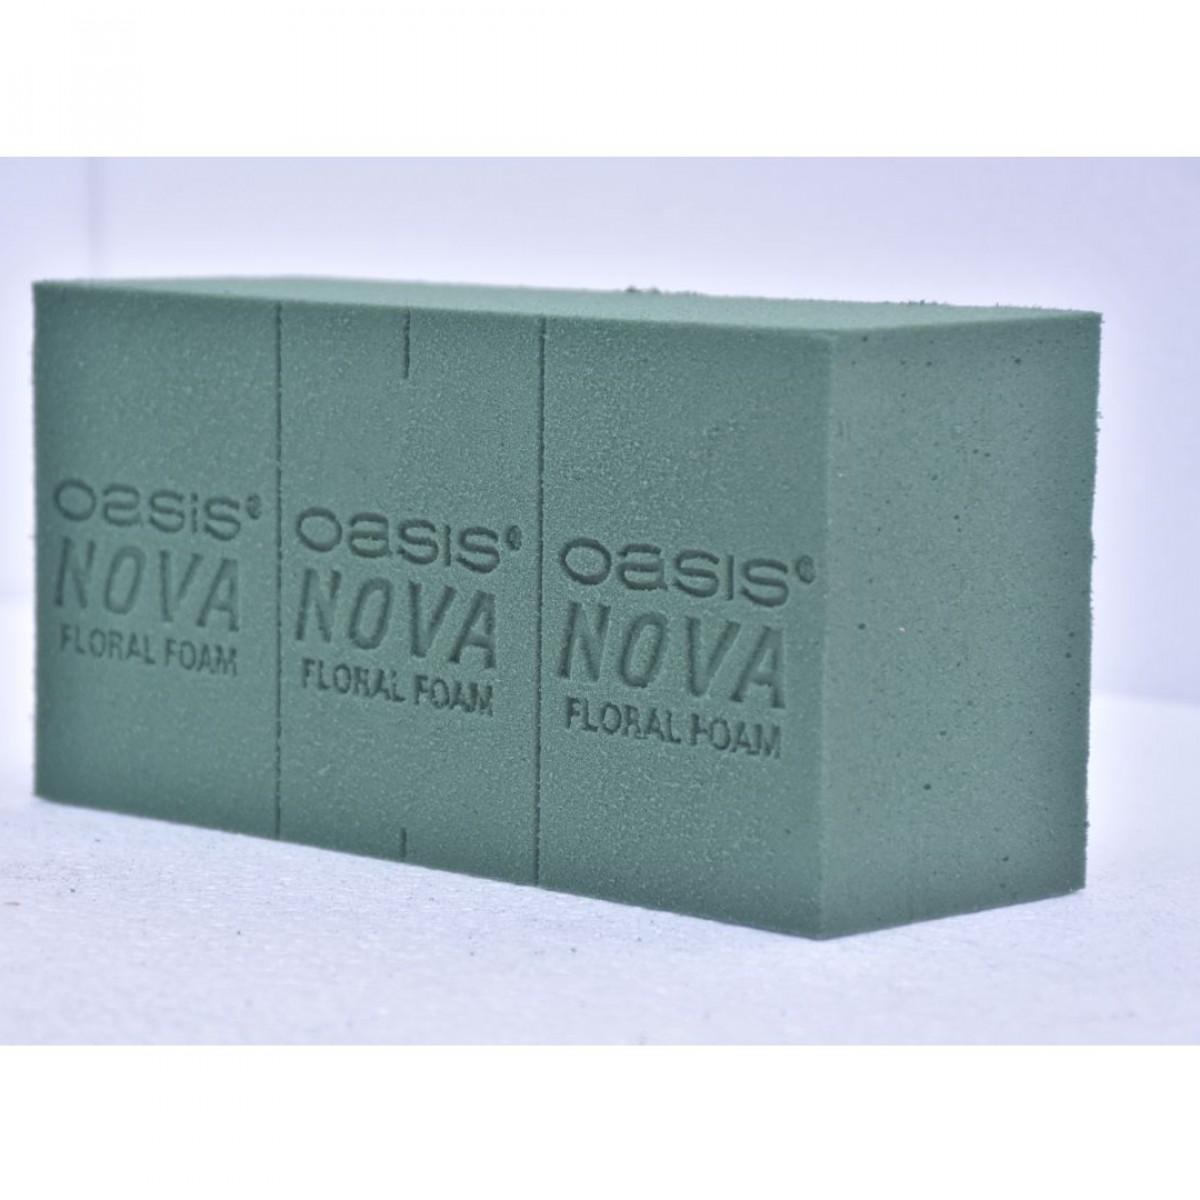 Nova (2 No) - Oasis Floral Foam Brick